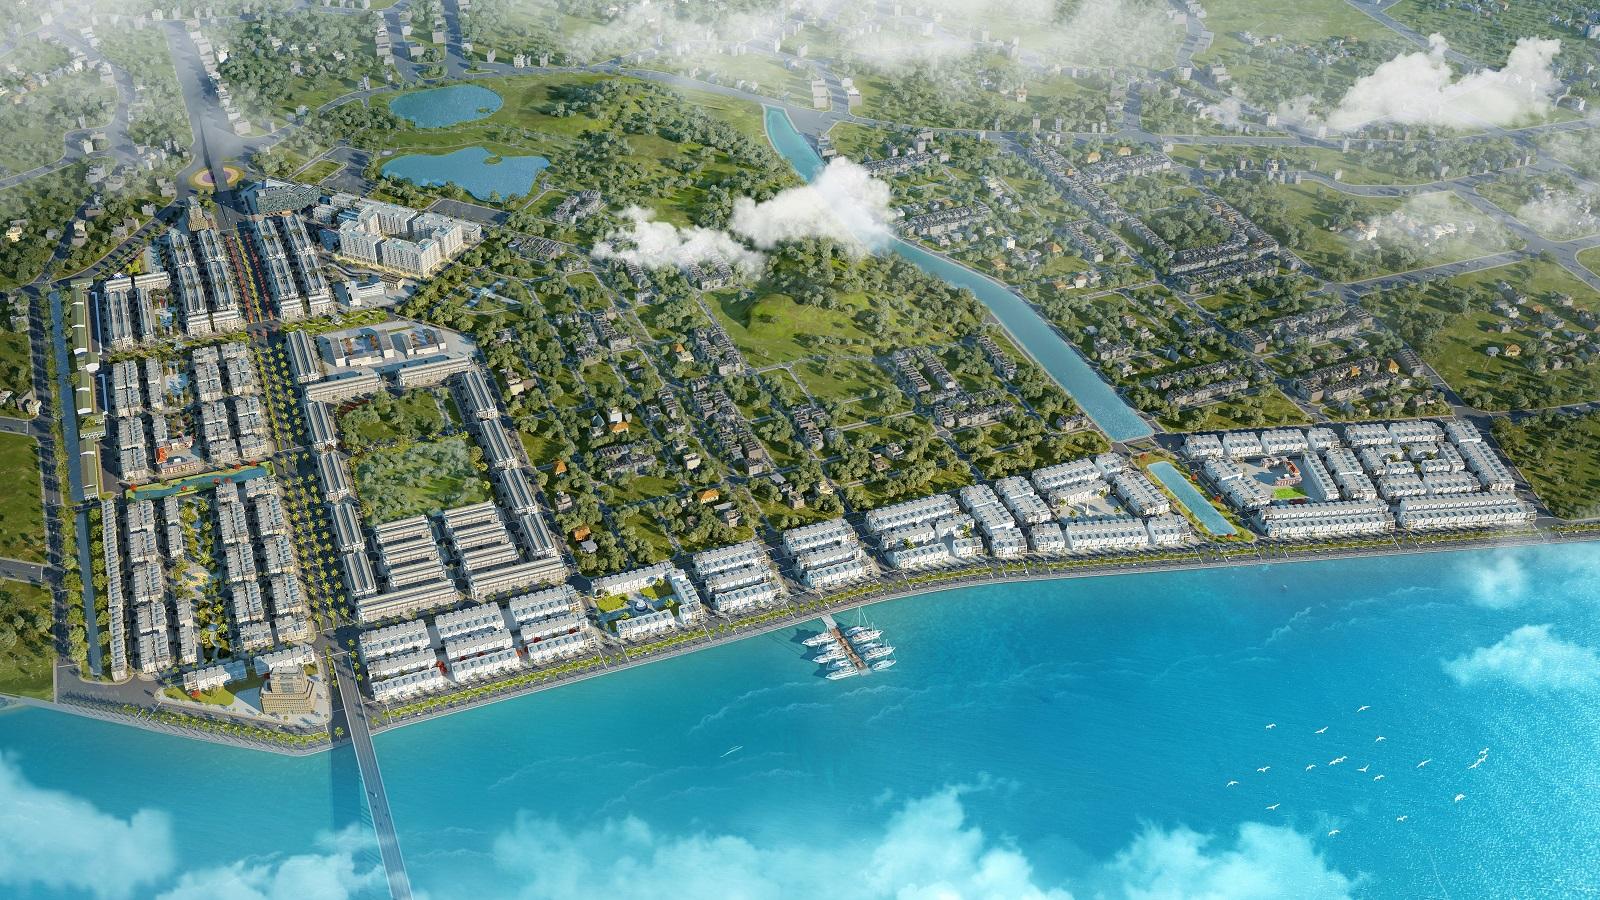 FLC được phép mở bán nhà liền kề tại KĐT Hà Khánh, TP Hạ Long - Ảnh 1.